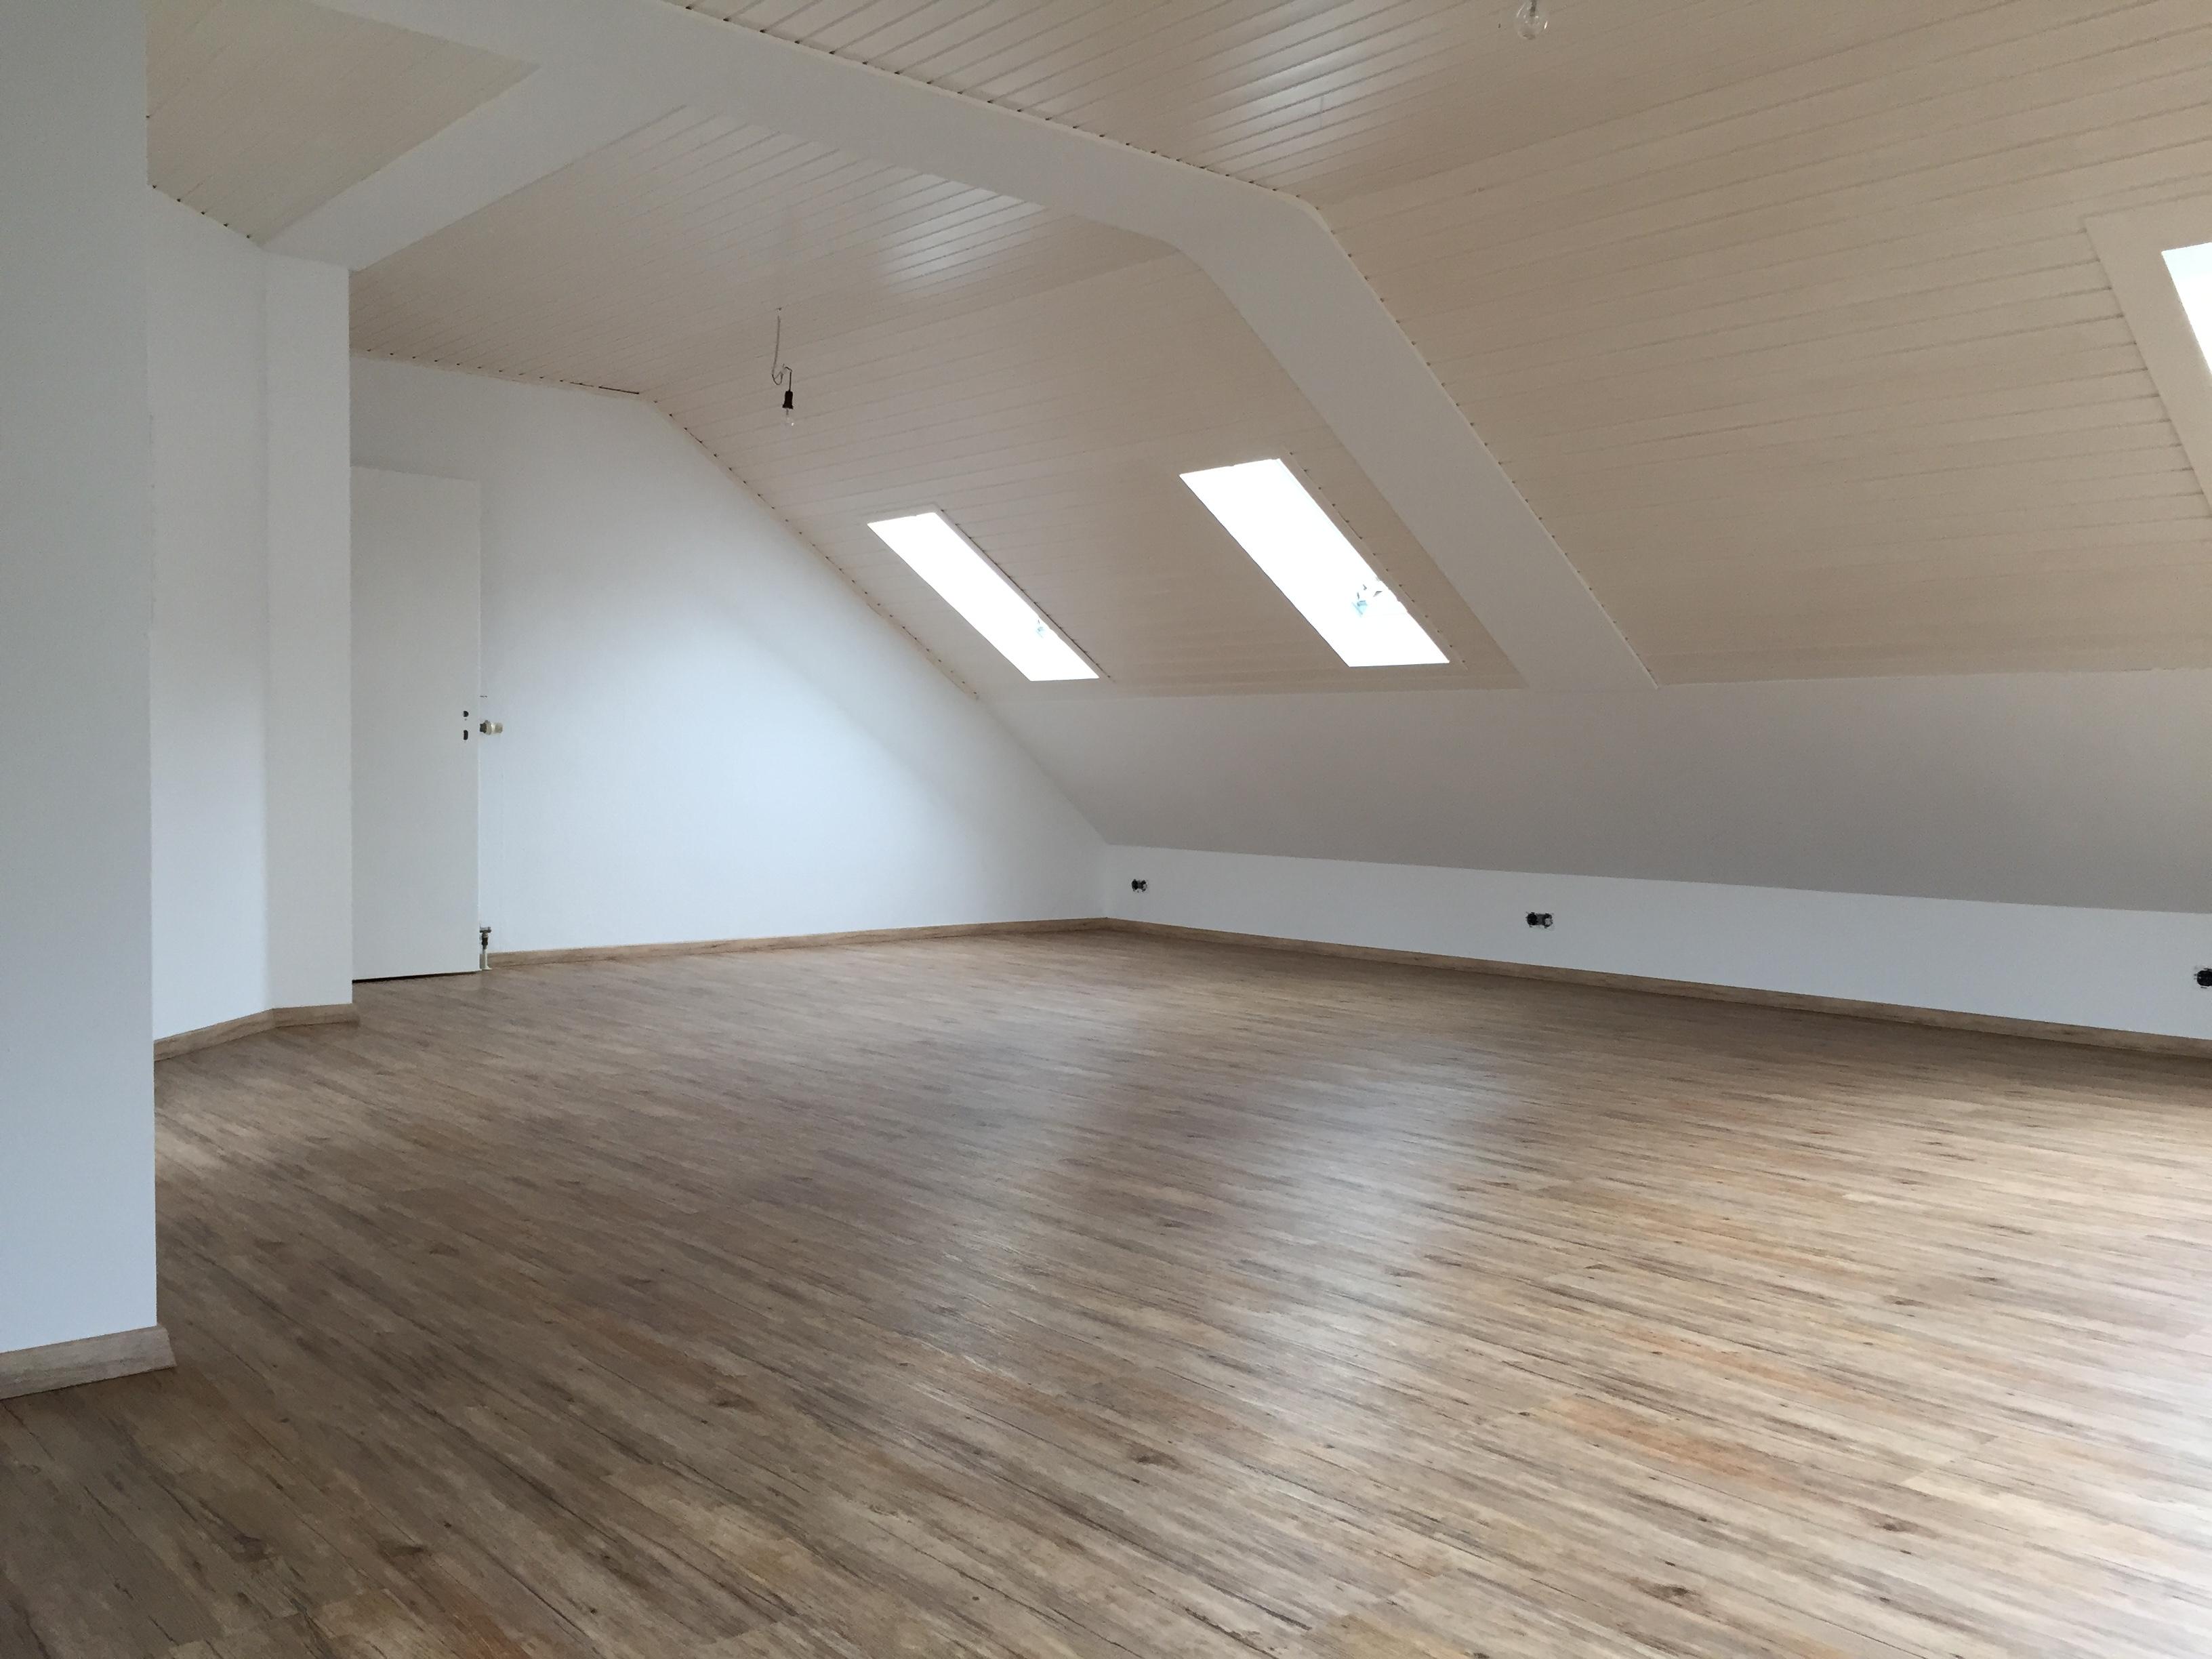 Fußboden Schlafzimmer Yoga ~ Eine wohnung wird zum yoga studio fussboden mutsch